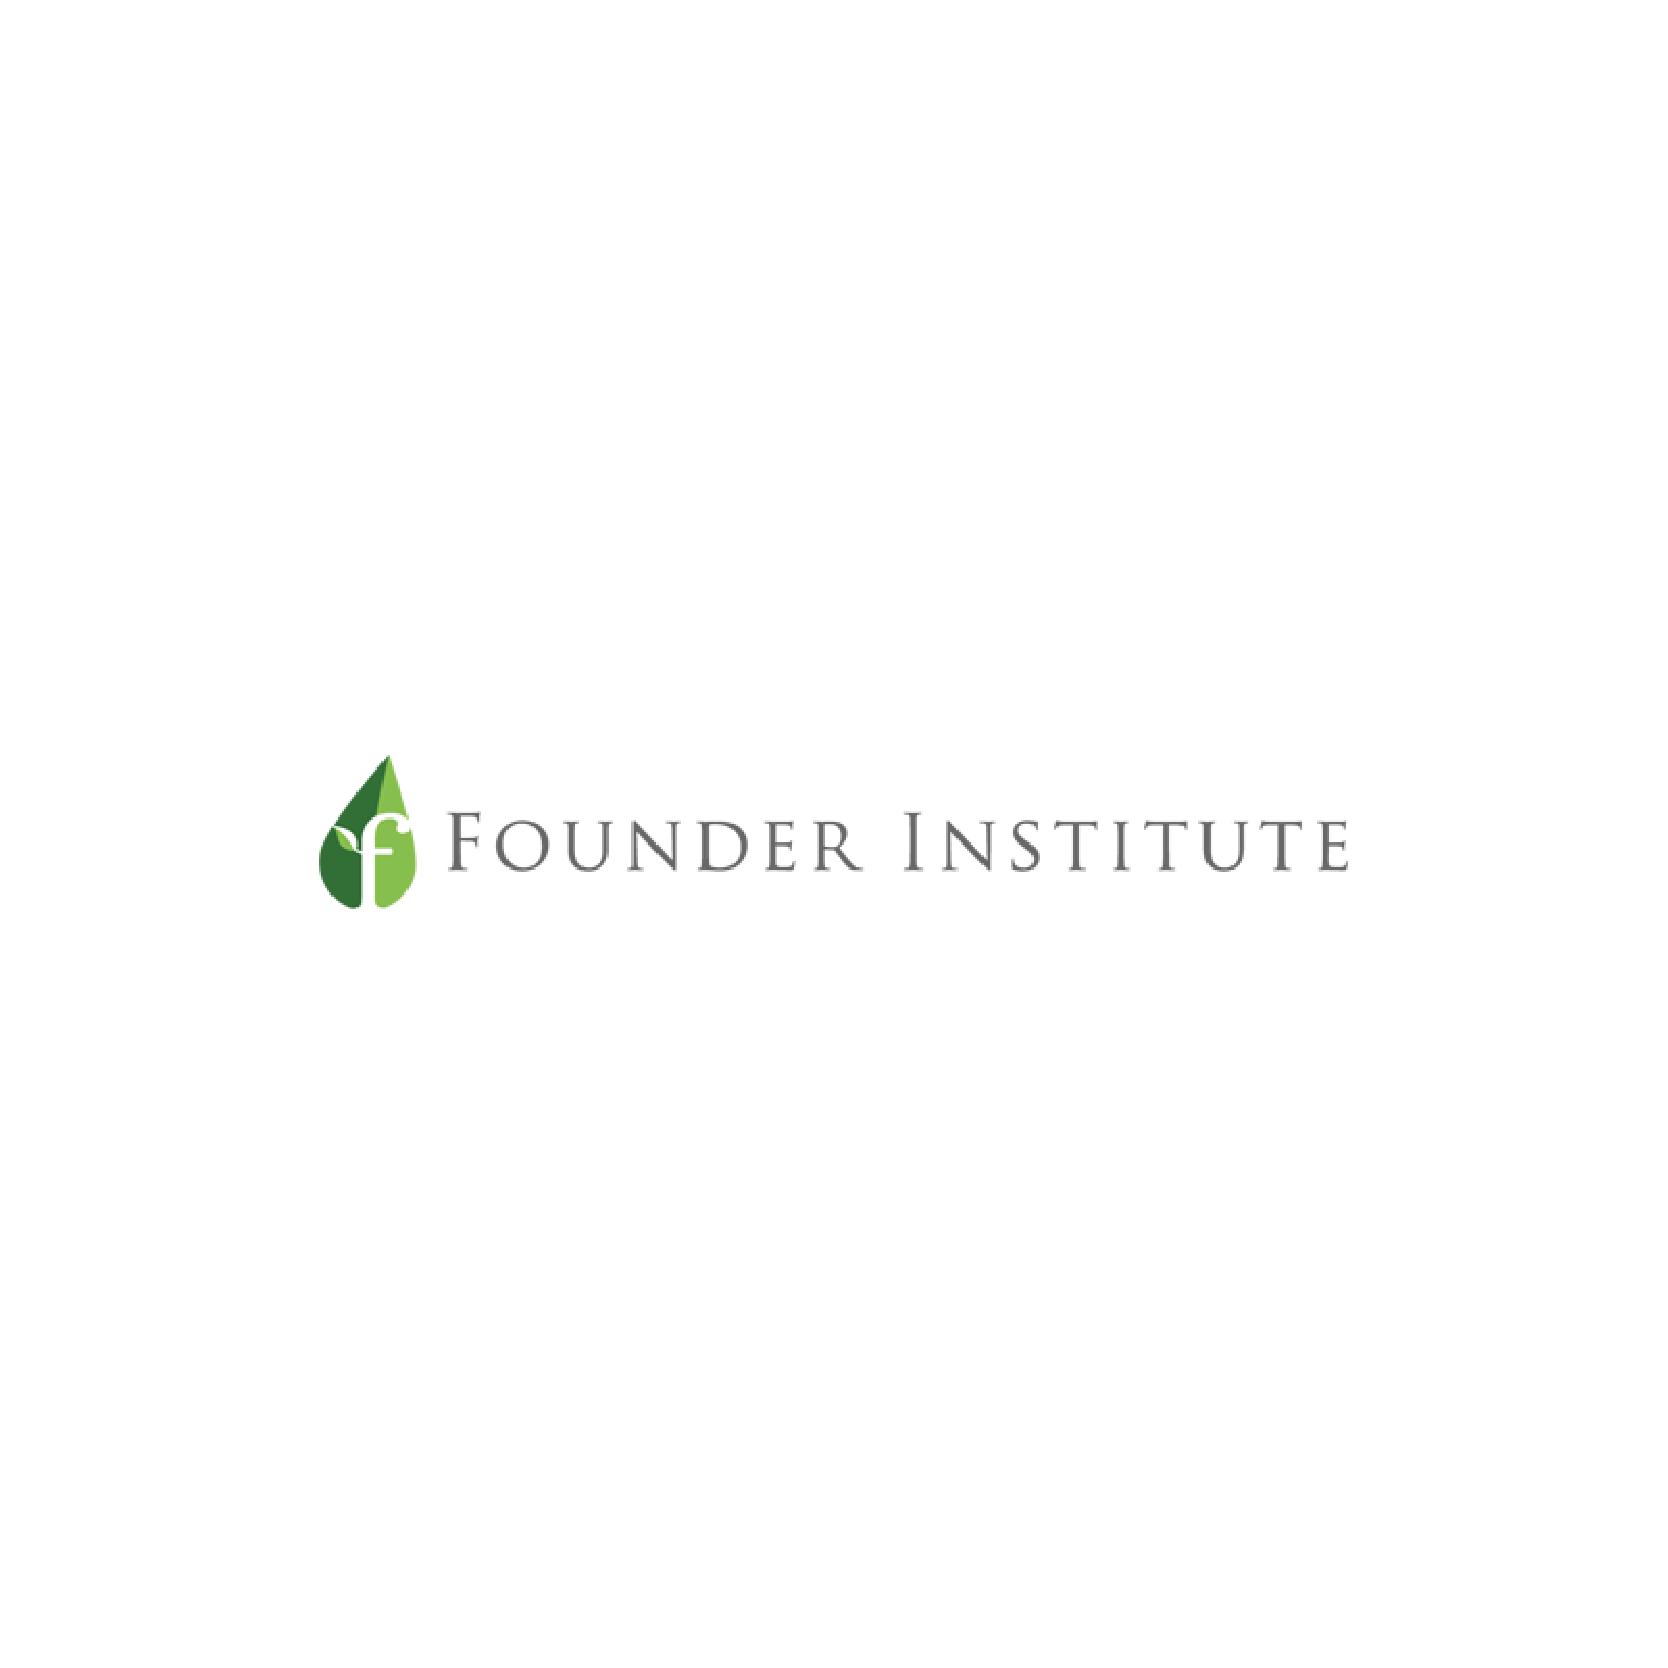 gnd_FI_logo-01.png